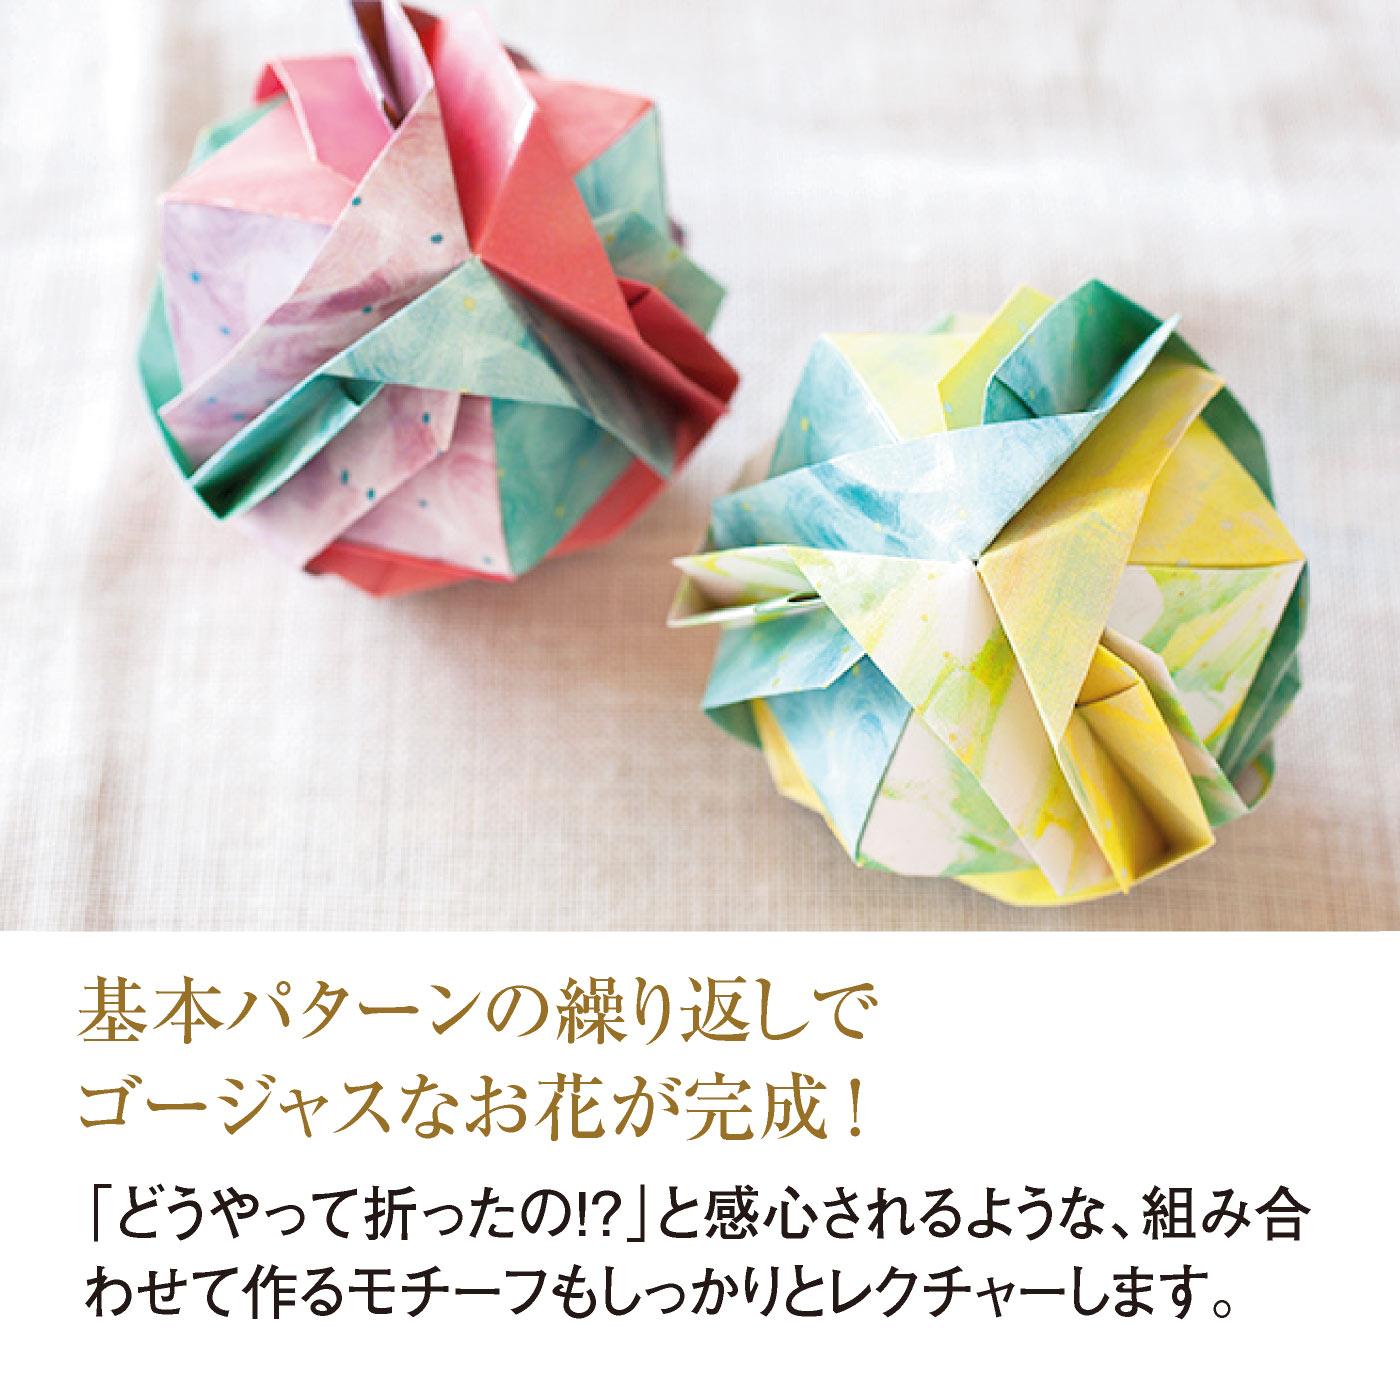 難しそうに見える立体的なユニットおりがみも、実は基本パターンを繰り返すだけで完成します。中に贈りものを入れてサプライズギフトにしたり、小さな紙で折ってアクセサリーにしたりしても。